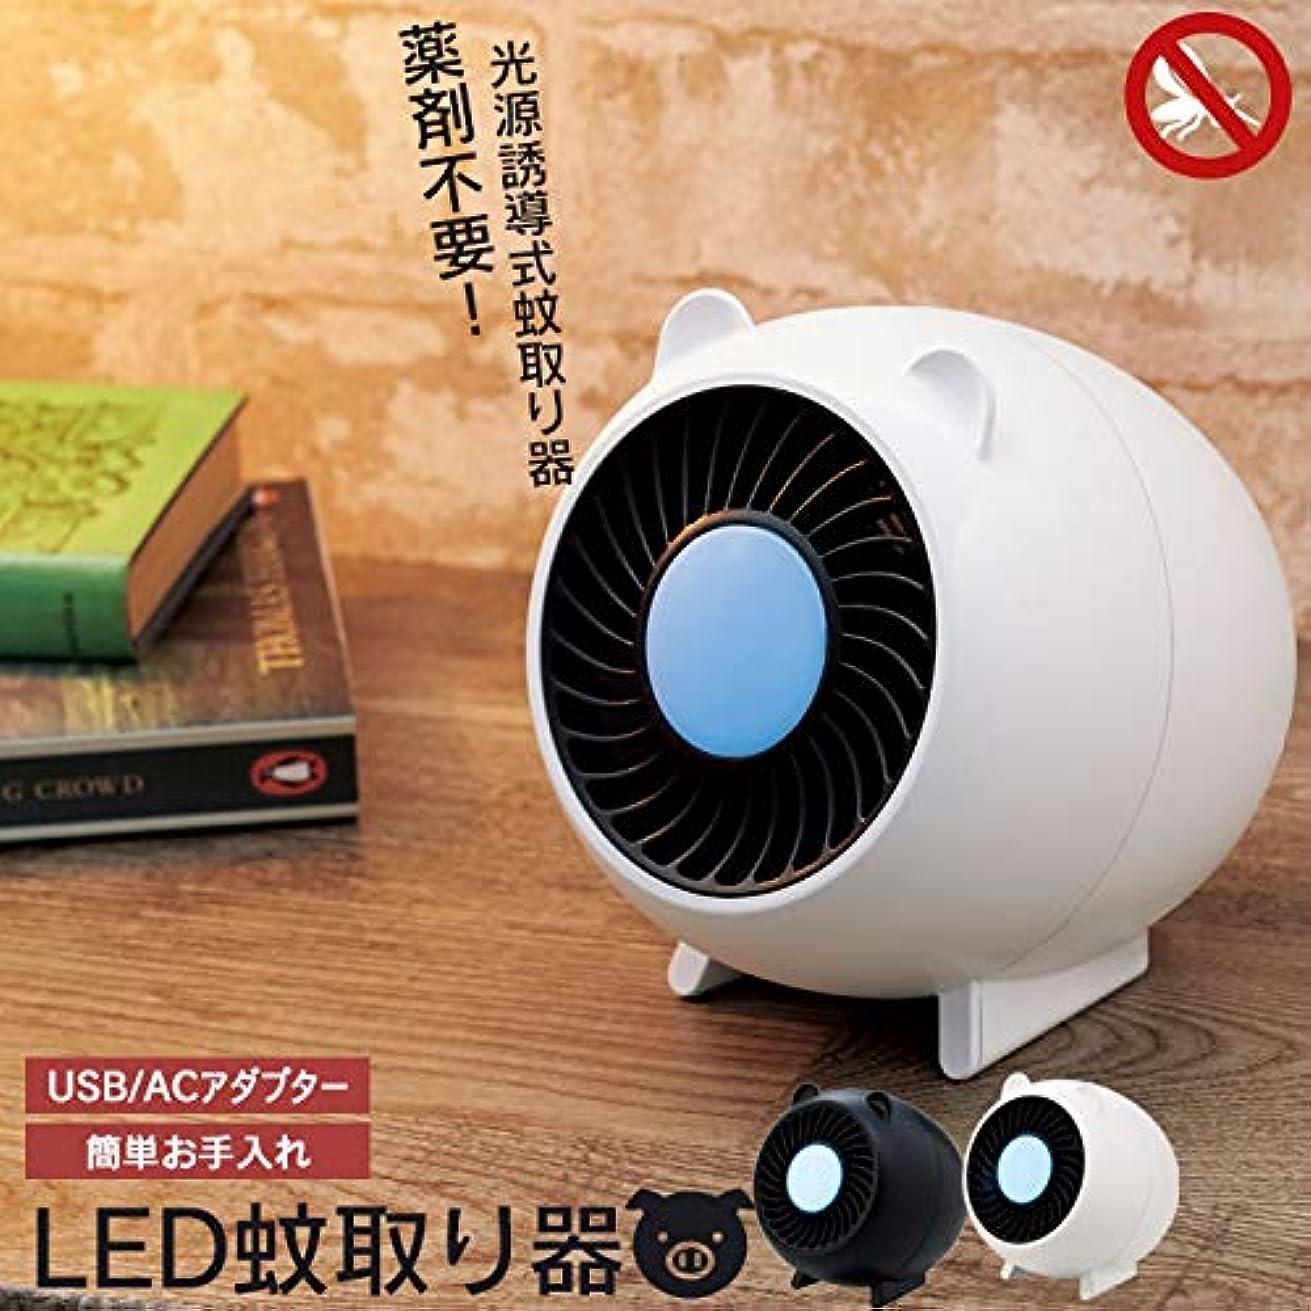 対象精緻化維持LED 蚊取り捕虫器 蚊取り器 捕虫器 蚊取り LEDライト USB 静音 子供 赤ちゃん ペット 安心 薬剤不要 おしゃれ スタイリッシュ リビング 寝室 卓上